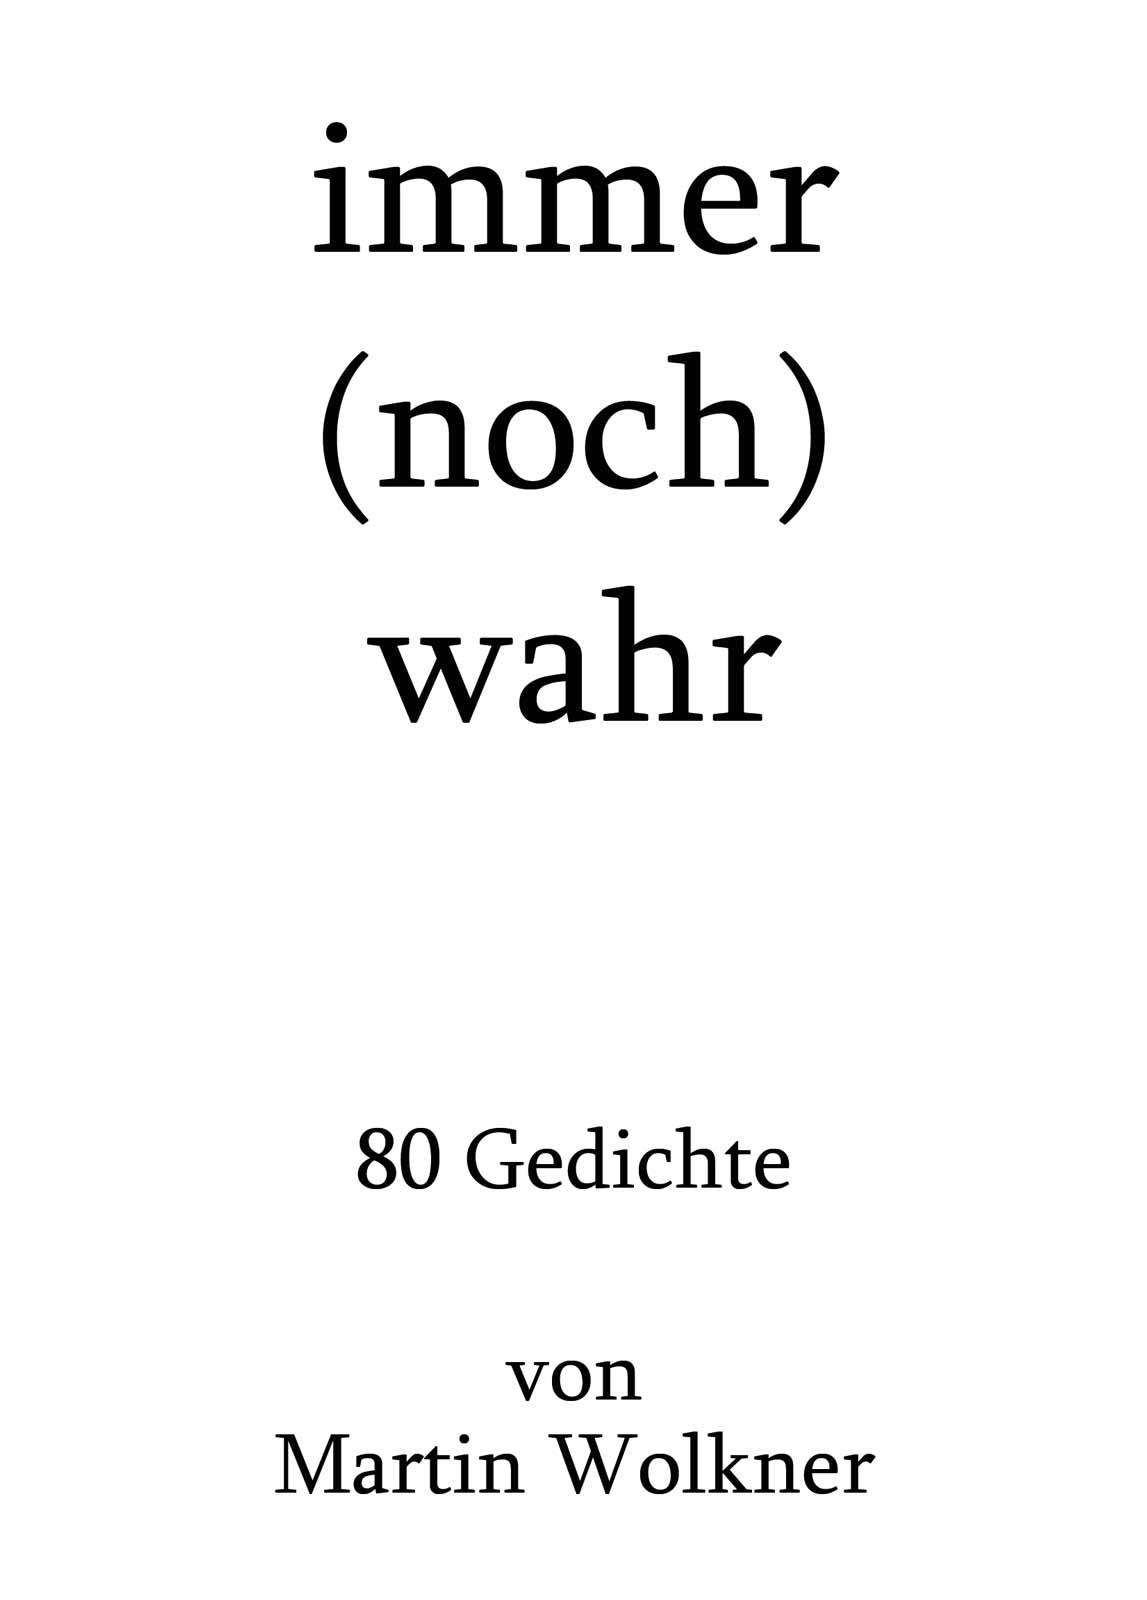 Cover-Poster Gedichtsammlung immer (noch) wahr - 80 Gedichte von Martin Wolkner